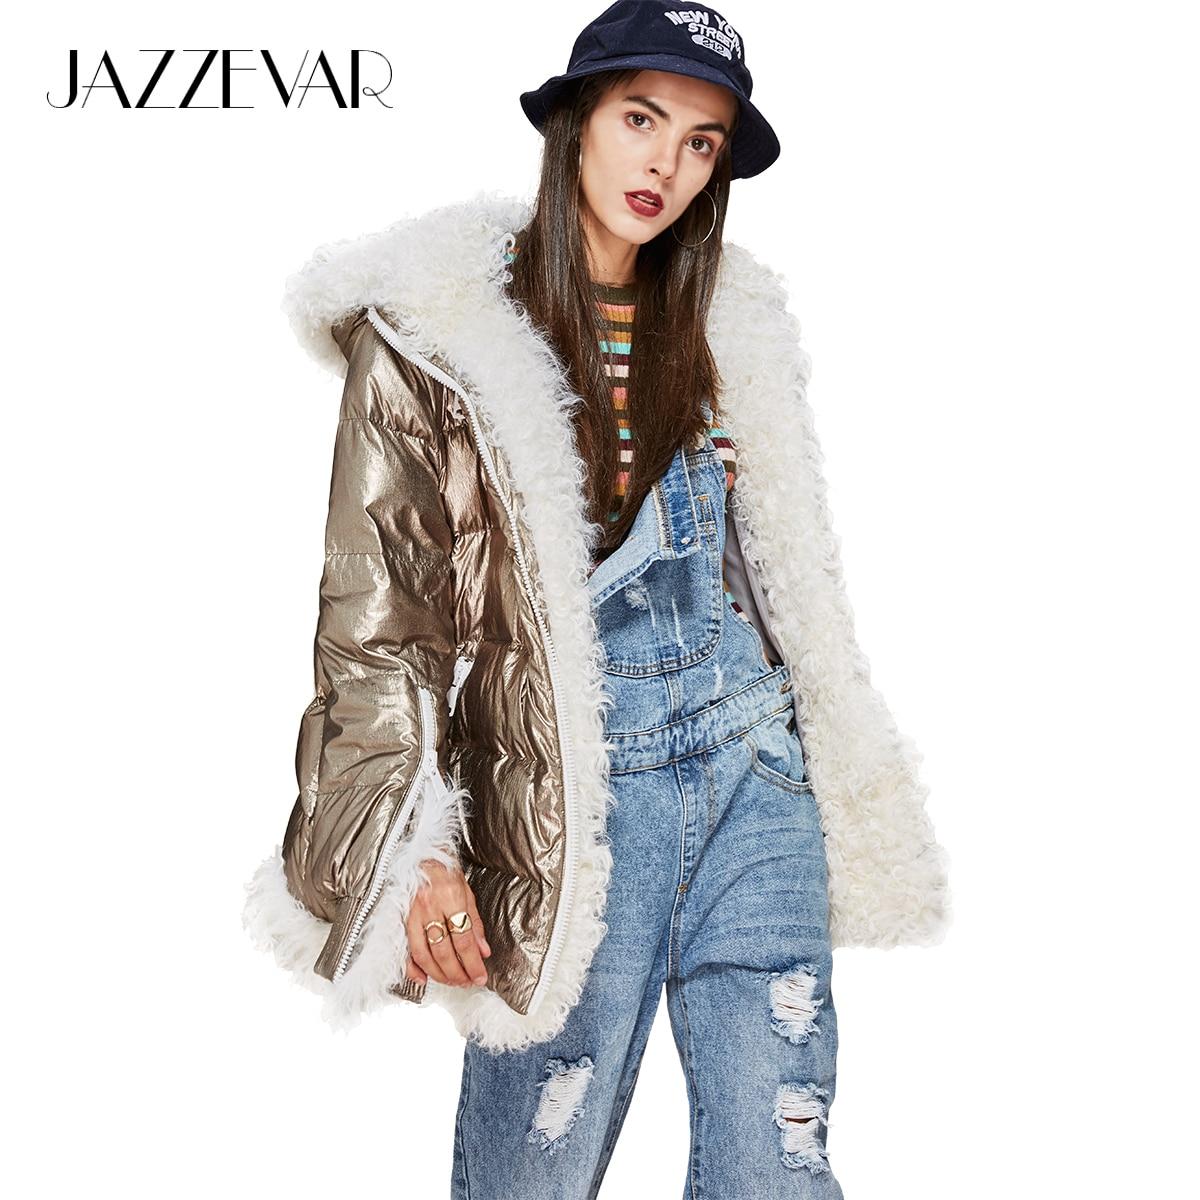 Jazzevar новая зимняя высокая мода Мода Женская Футуристический дизайн стильный серебристый пуховик Роскошный овечьей шерстью куртка с капюшоном парка